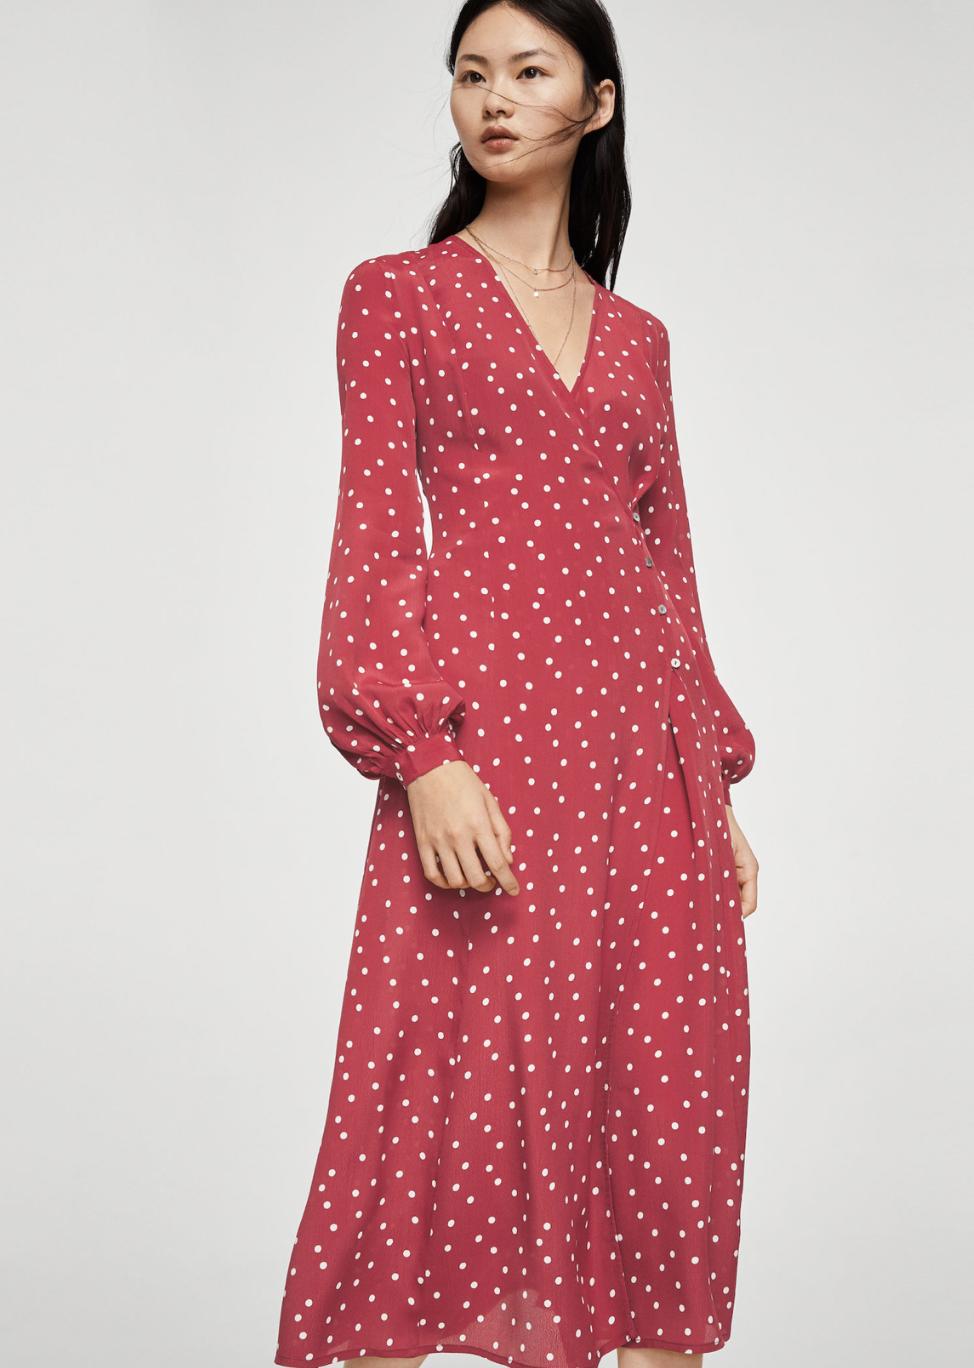 wrap polka-dot dress –$99.99